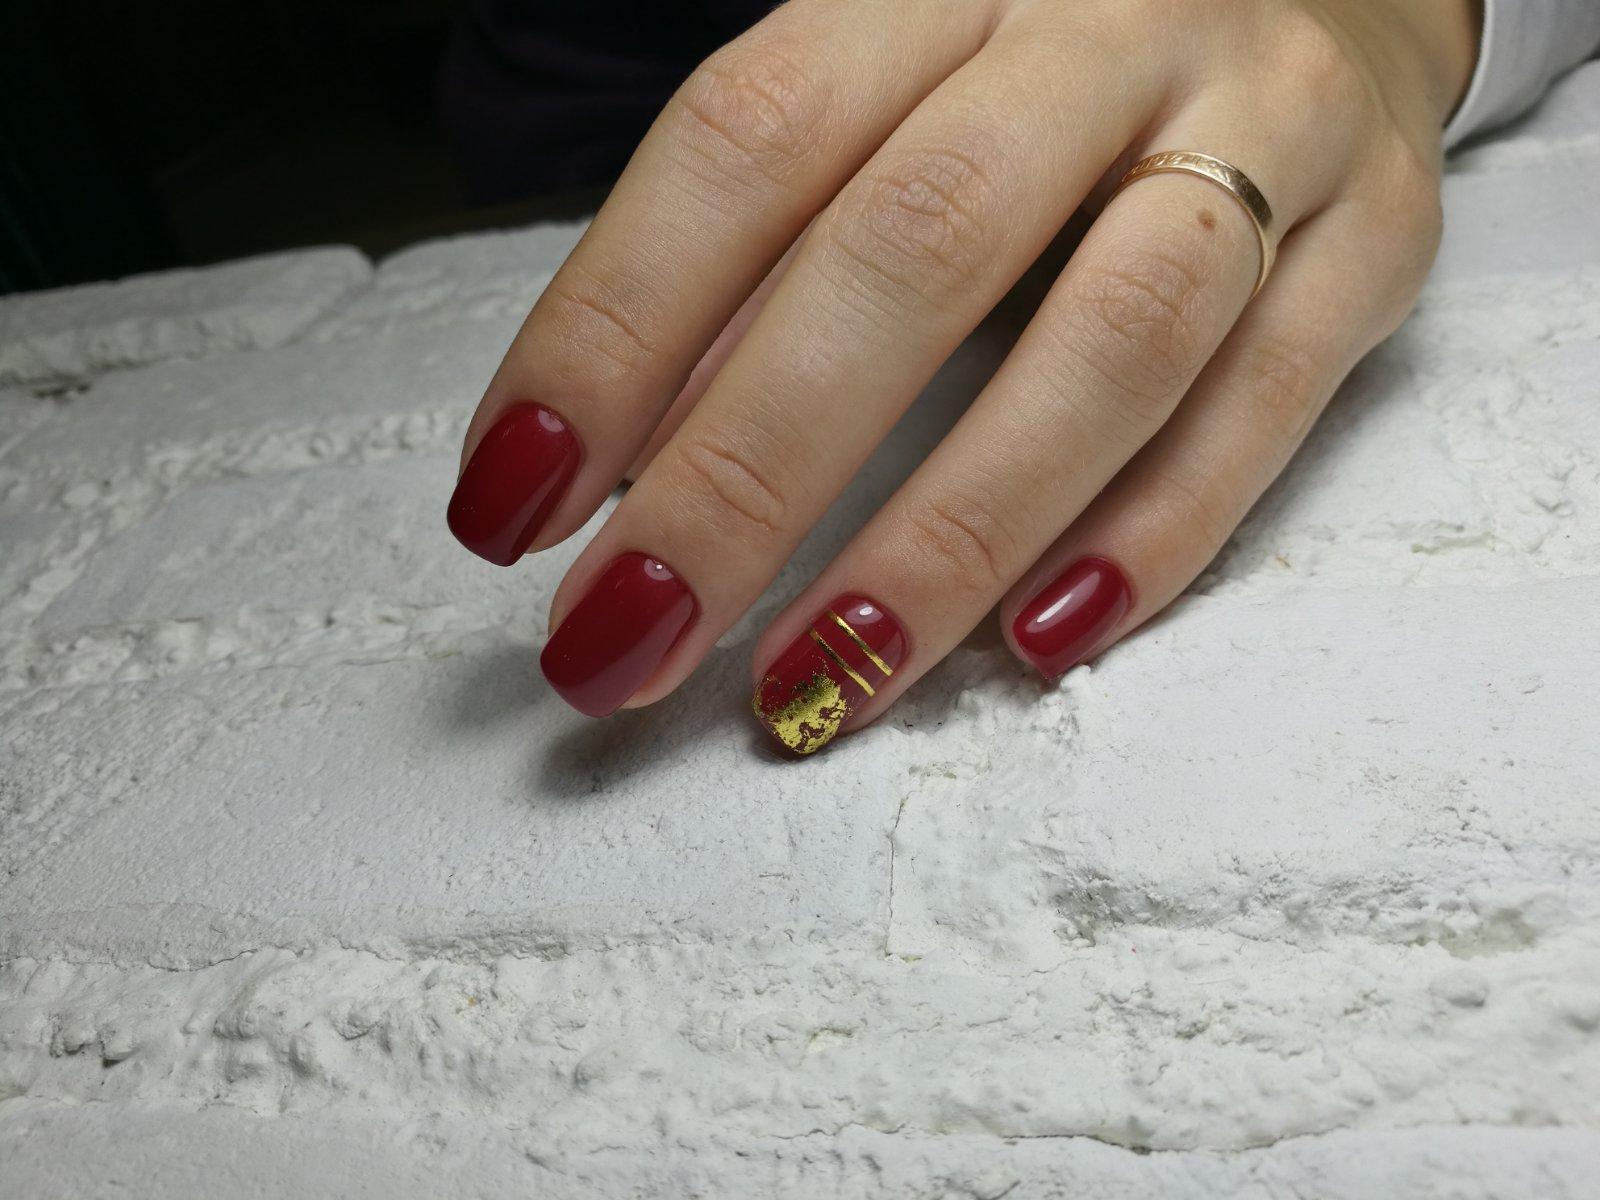 Маникюр в тёмно-красном цвете с золотой фольгой и полосками.